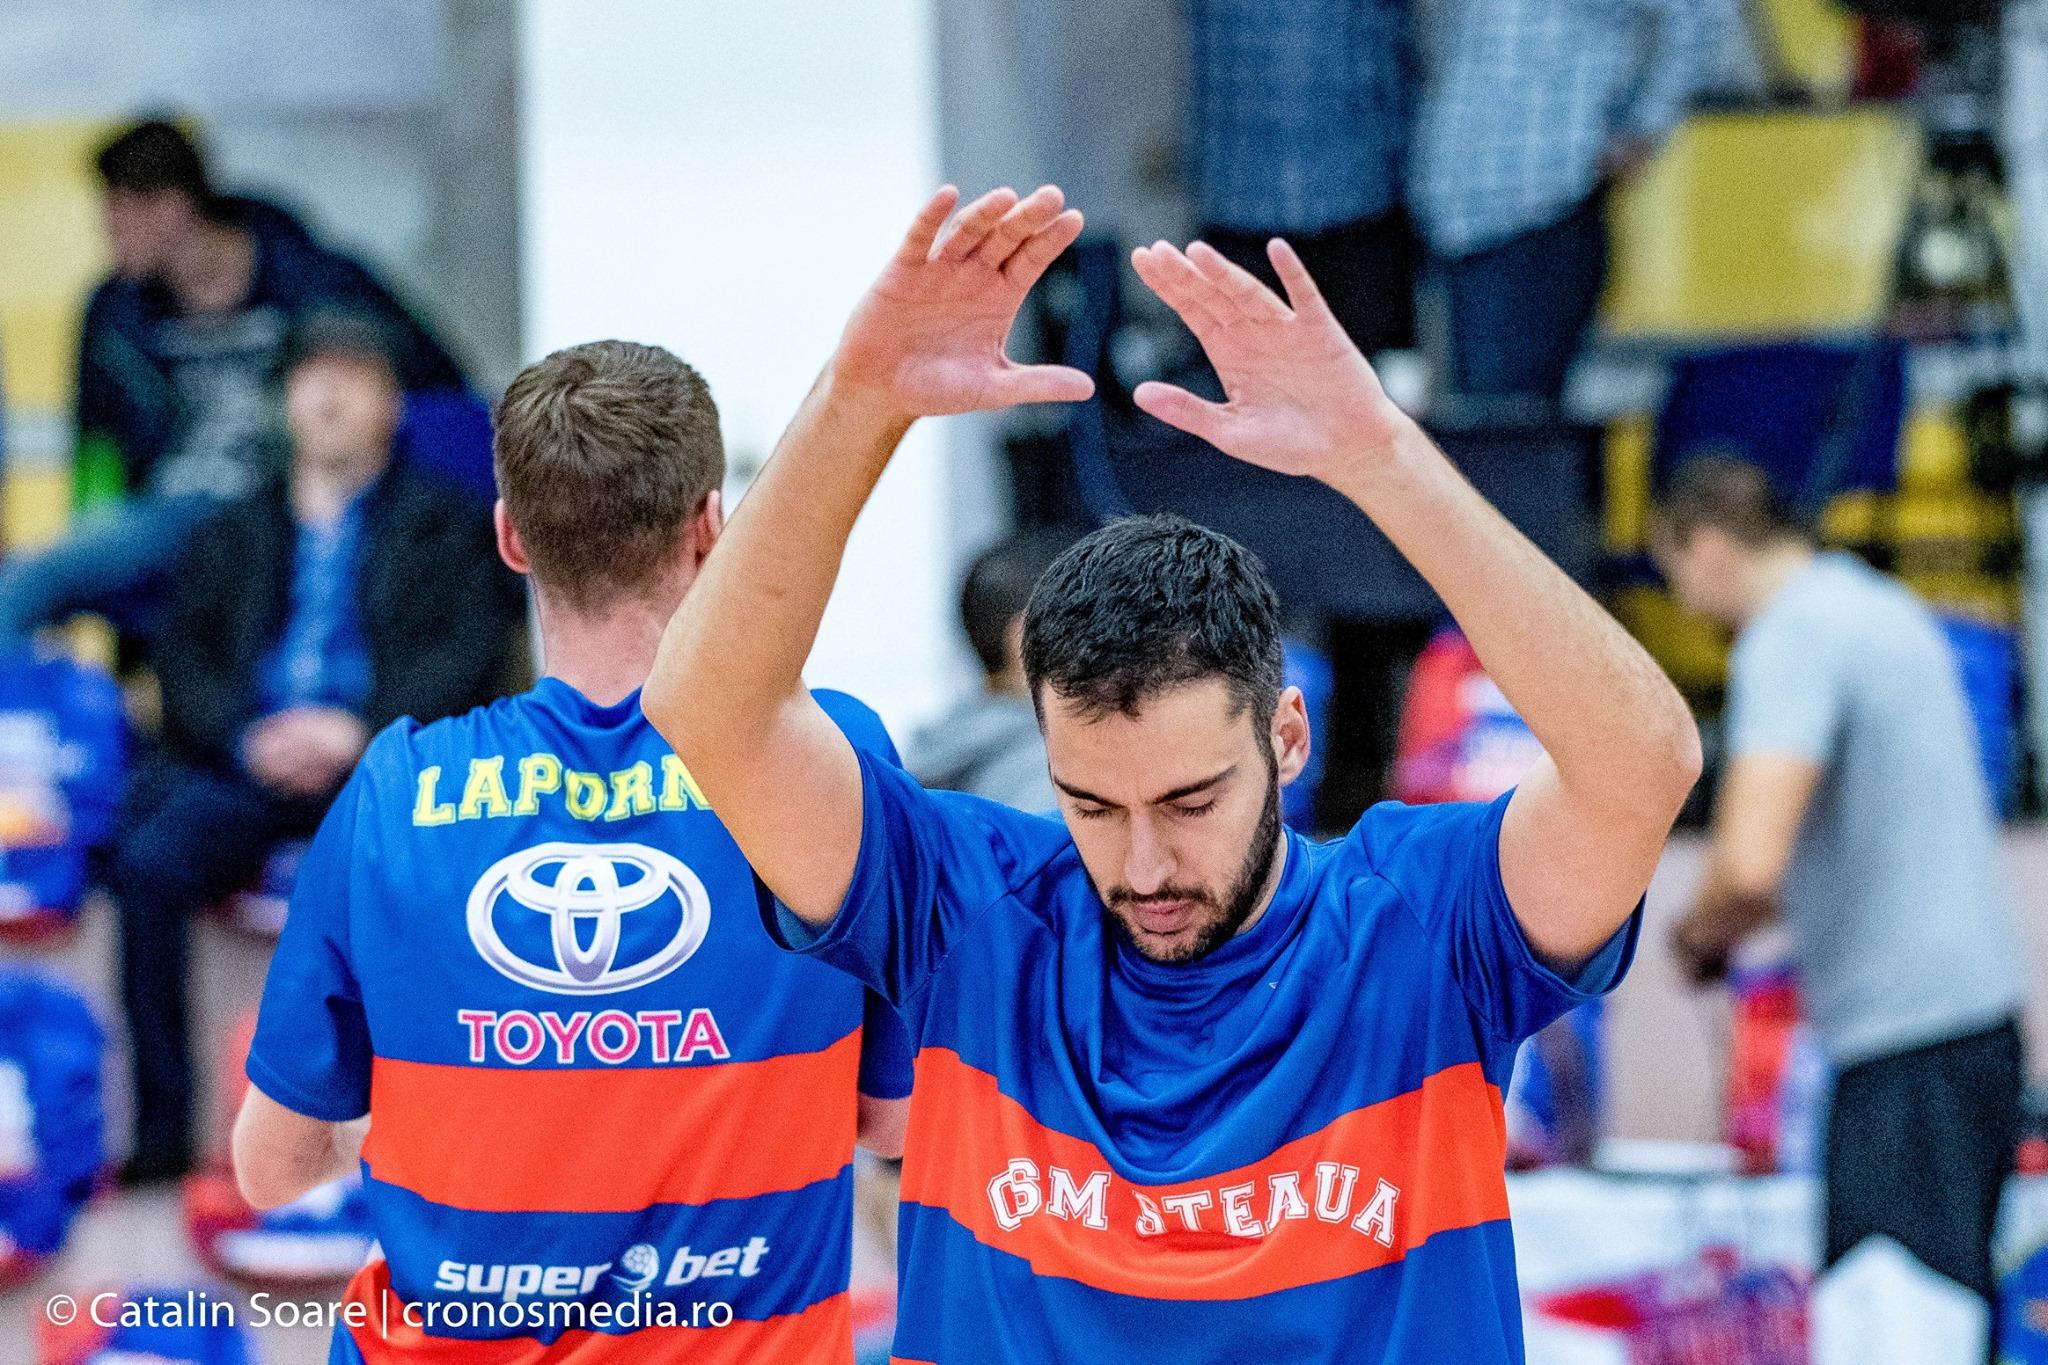 Imagine din octombrie postată pe Facebook de Steaua Baschet: pe spatele tricourilor de antrenament ale Stelei apare Toyota / foto: Facebook / Steaua Baschet